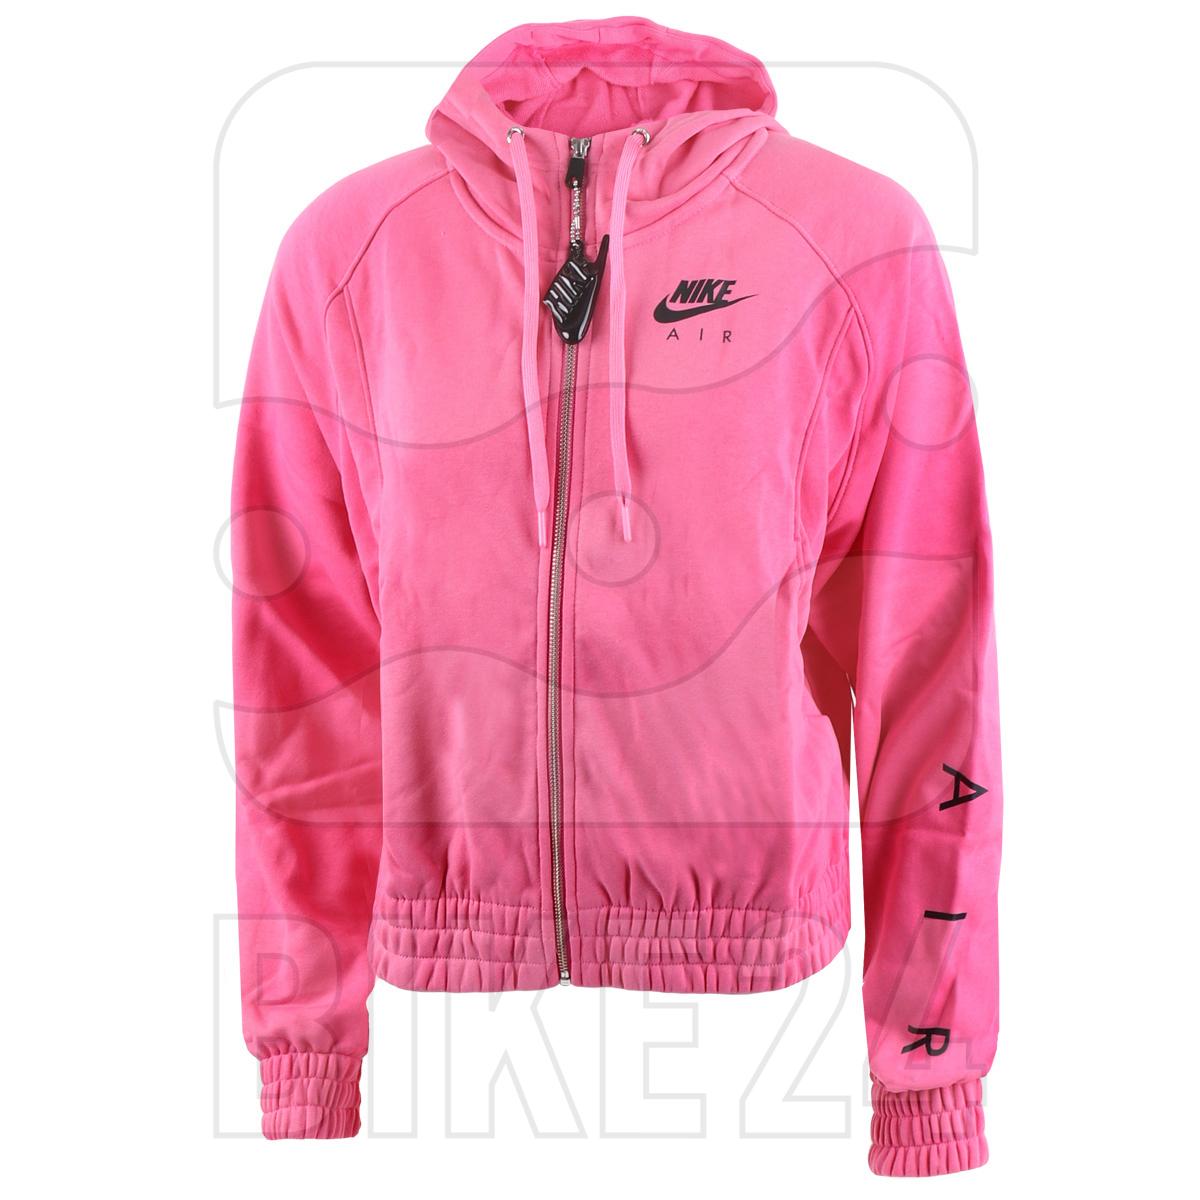 Image of Nike Air Women's Full-Zip Fleece Hoodie - pinksicle/black CU5442-684